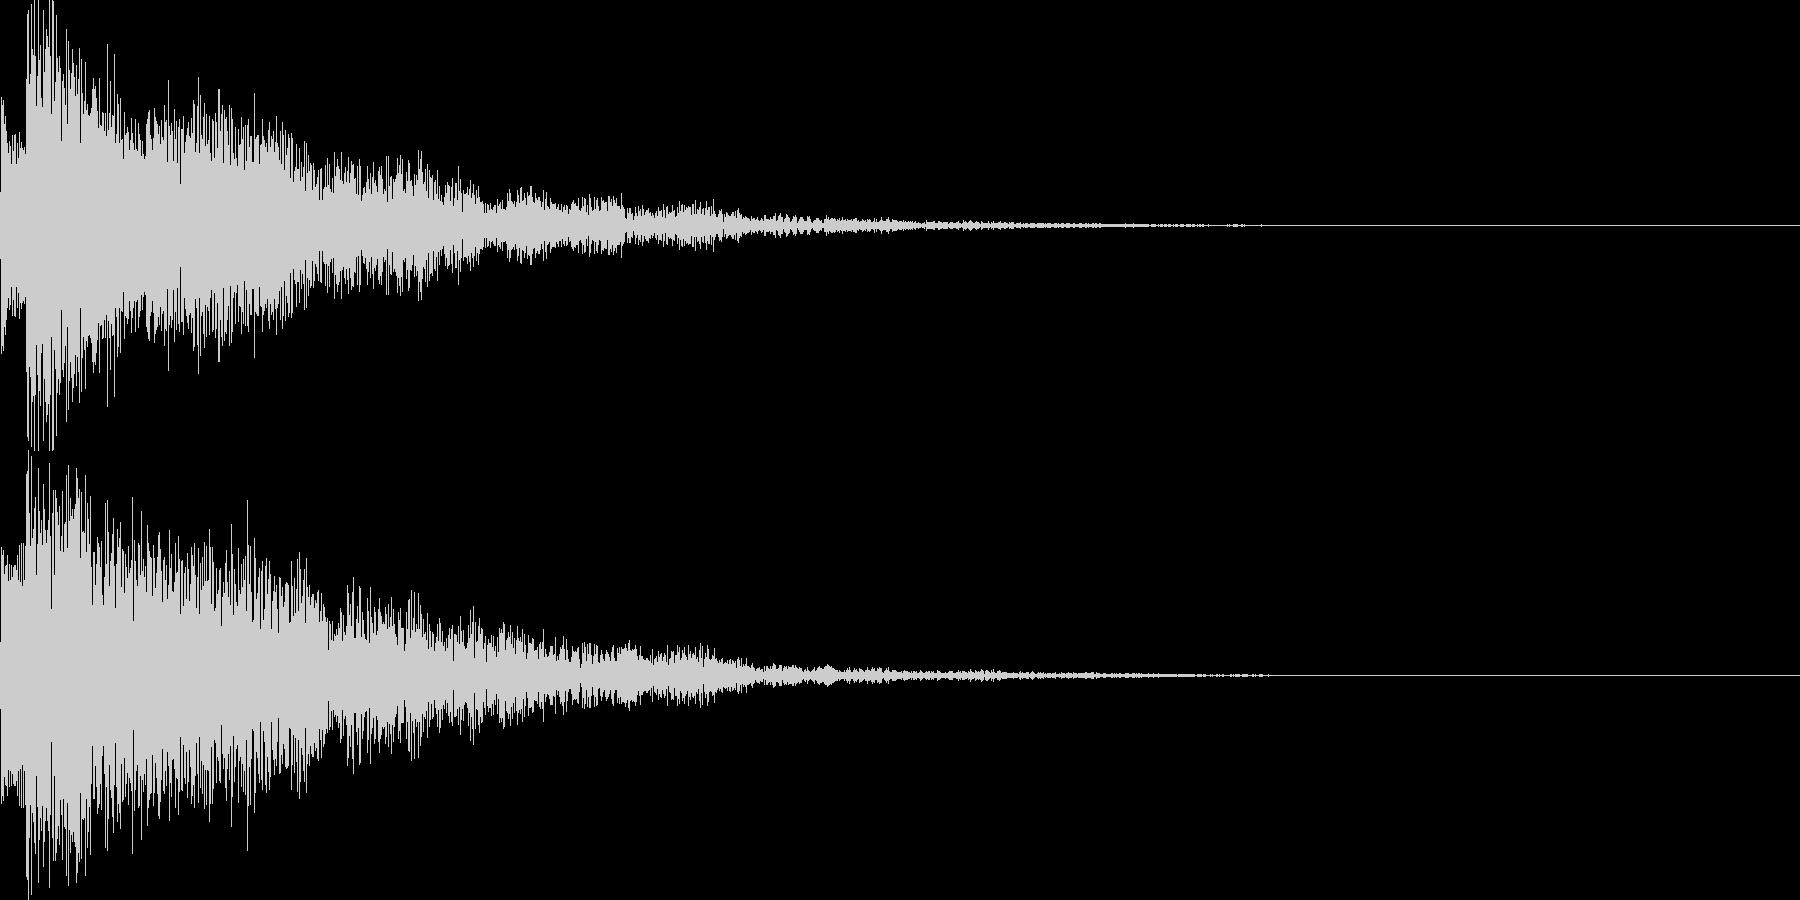 システム音43の未再生の波形